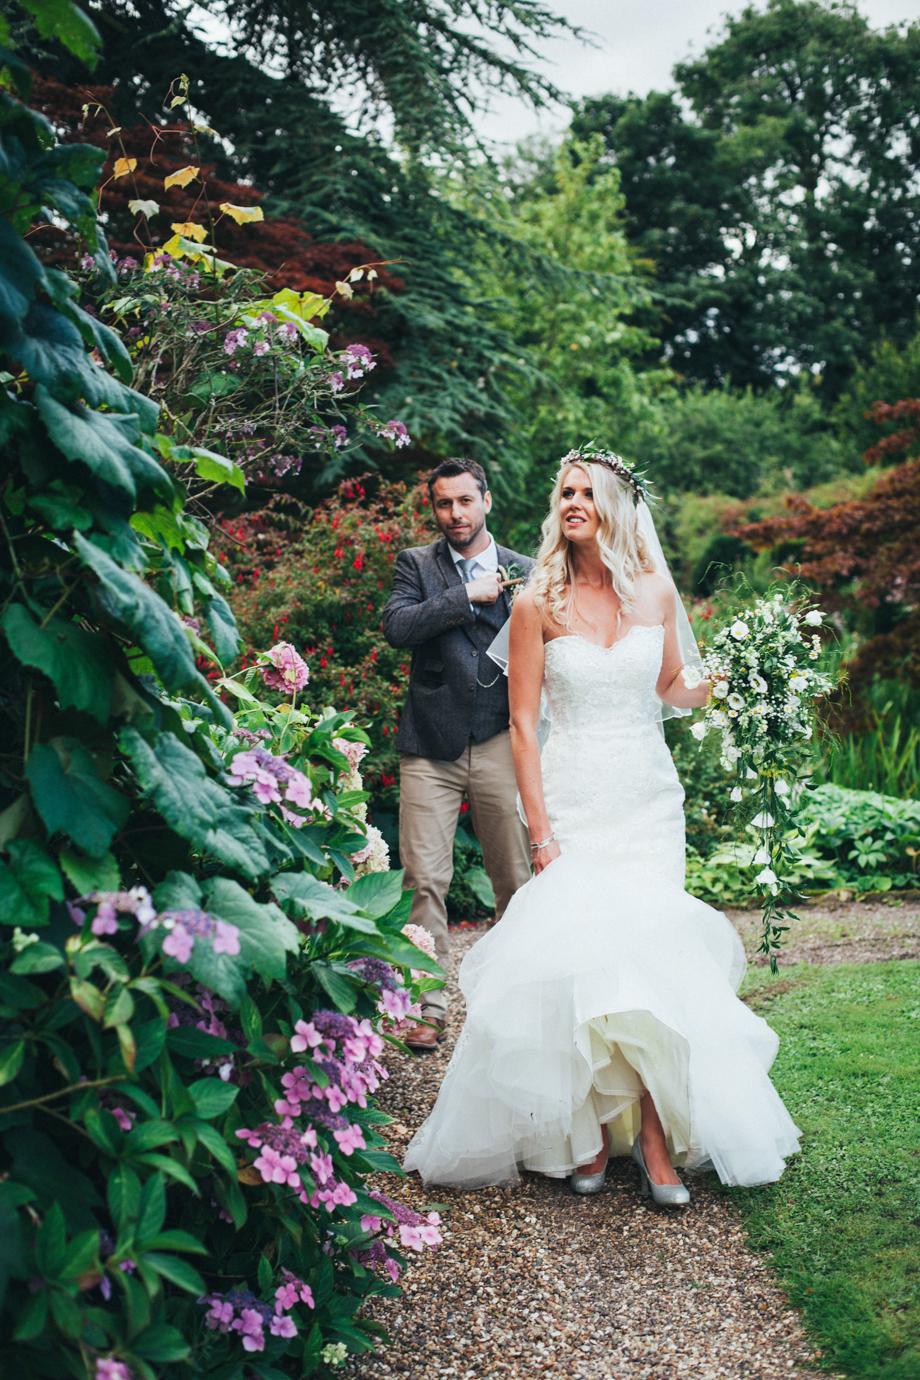 Saltmarshe-Hall-Wedding-Woodland-Blessing-27